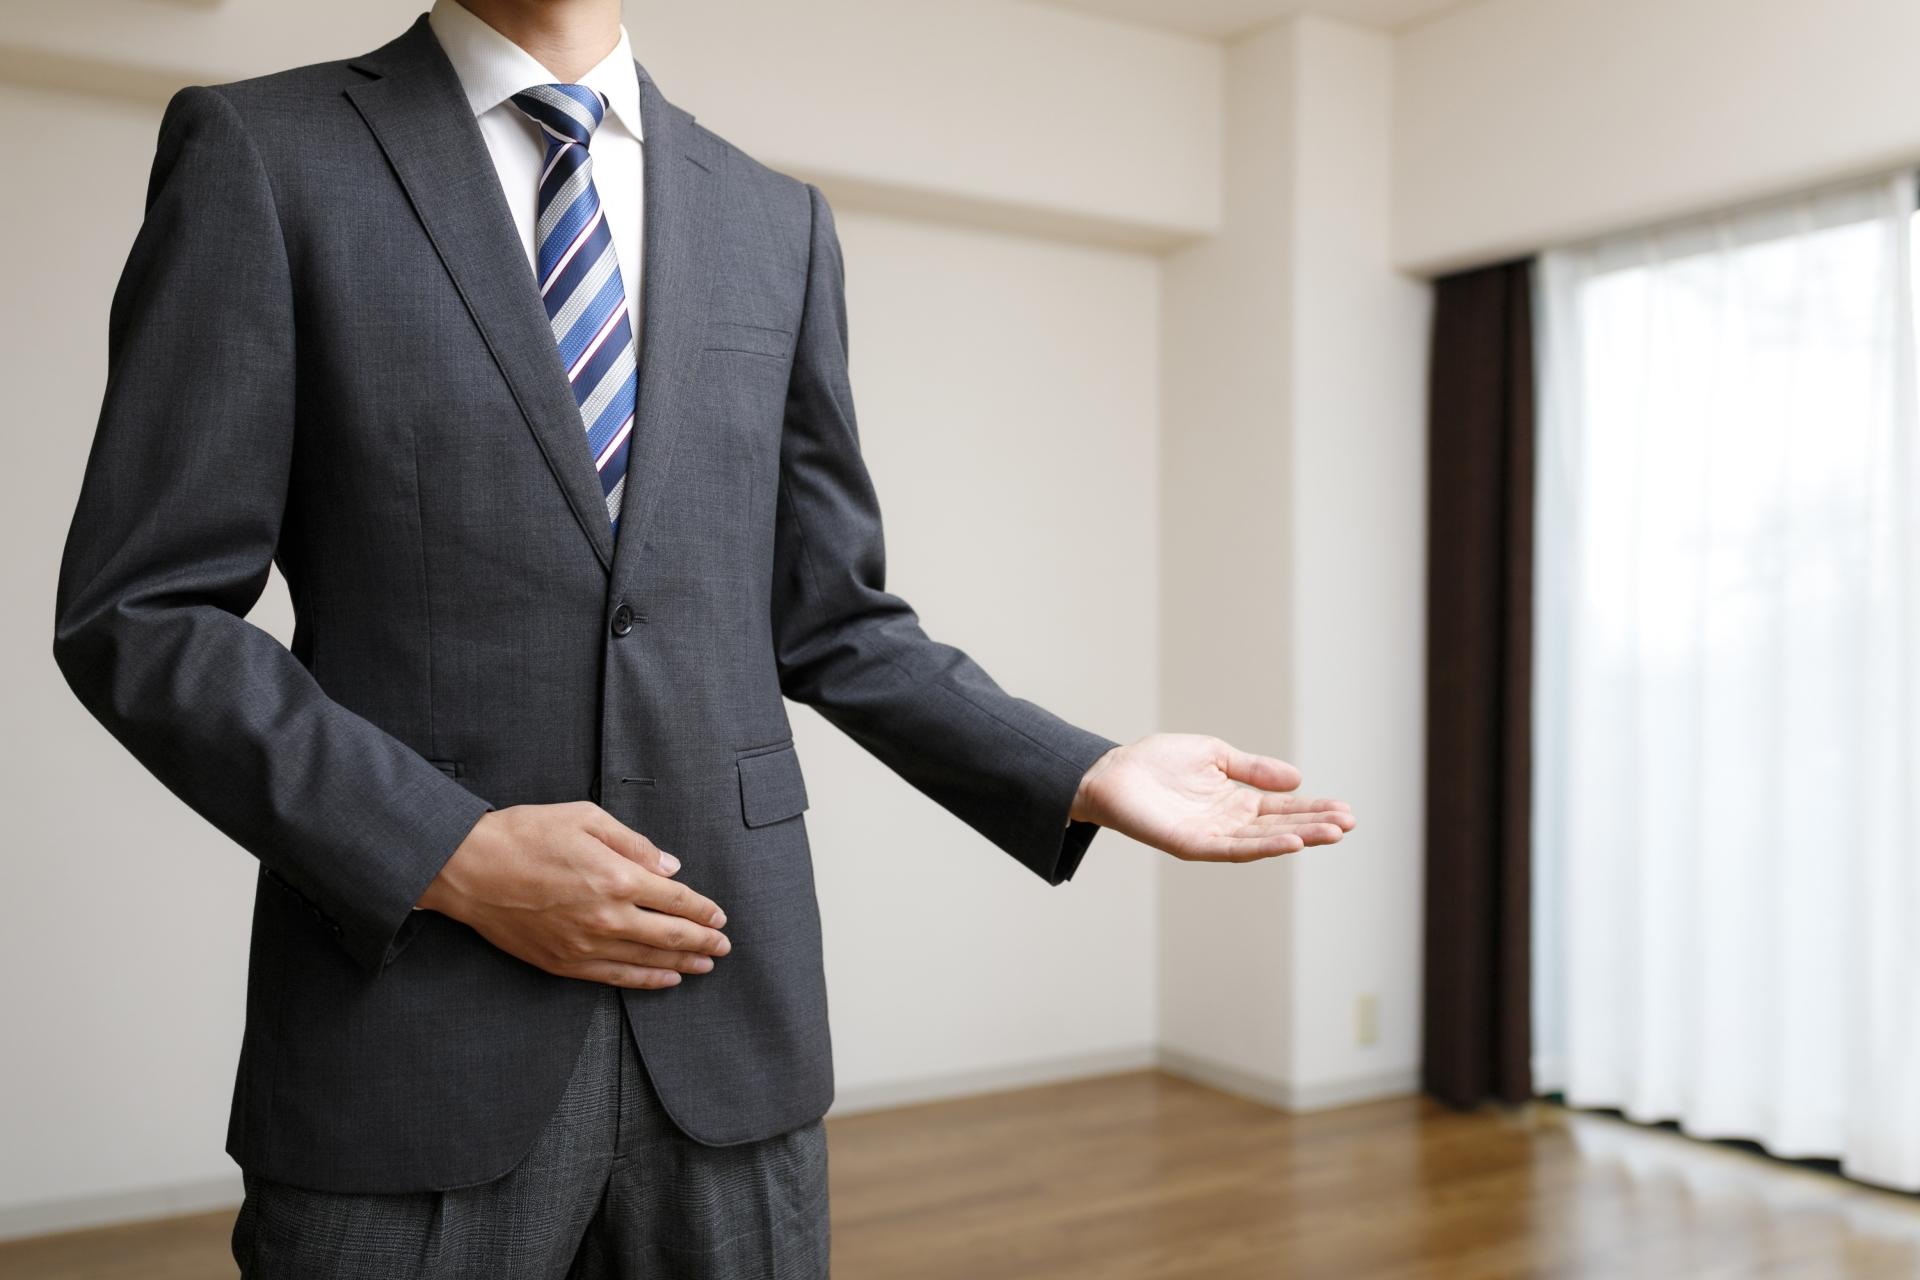 アパート・マンション賃貸管理会社の選び方・ポイント